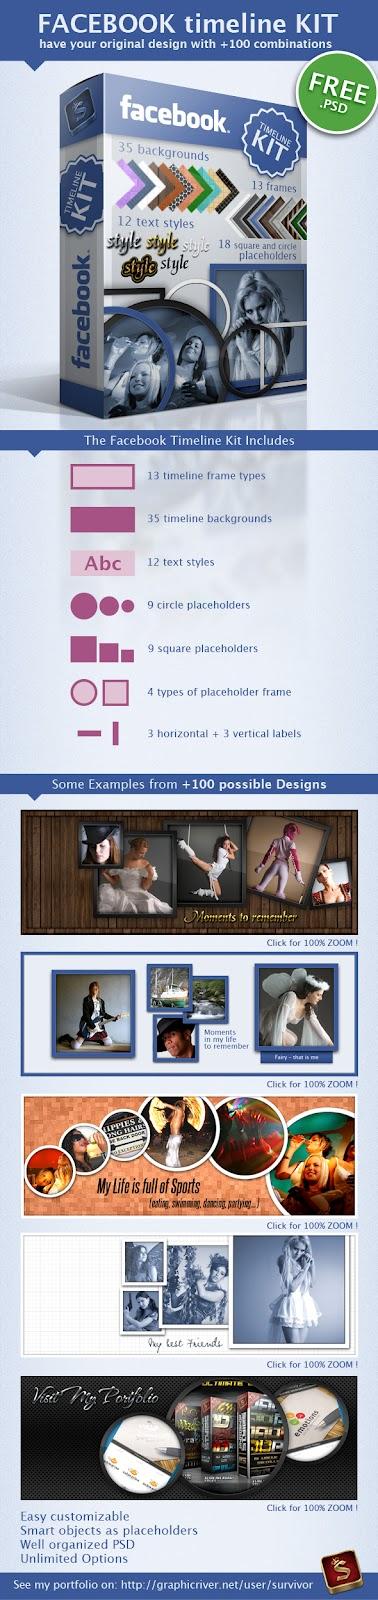 Facebook Timeline Cover Designs KIT! Free PSD File!